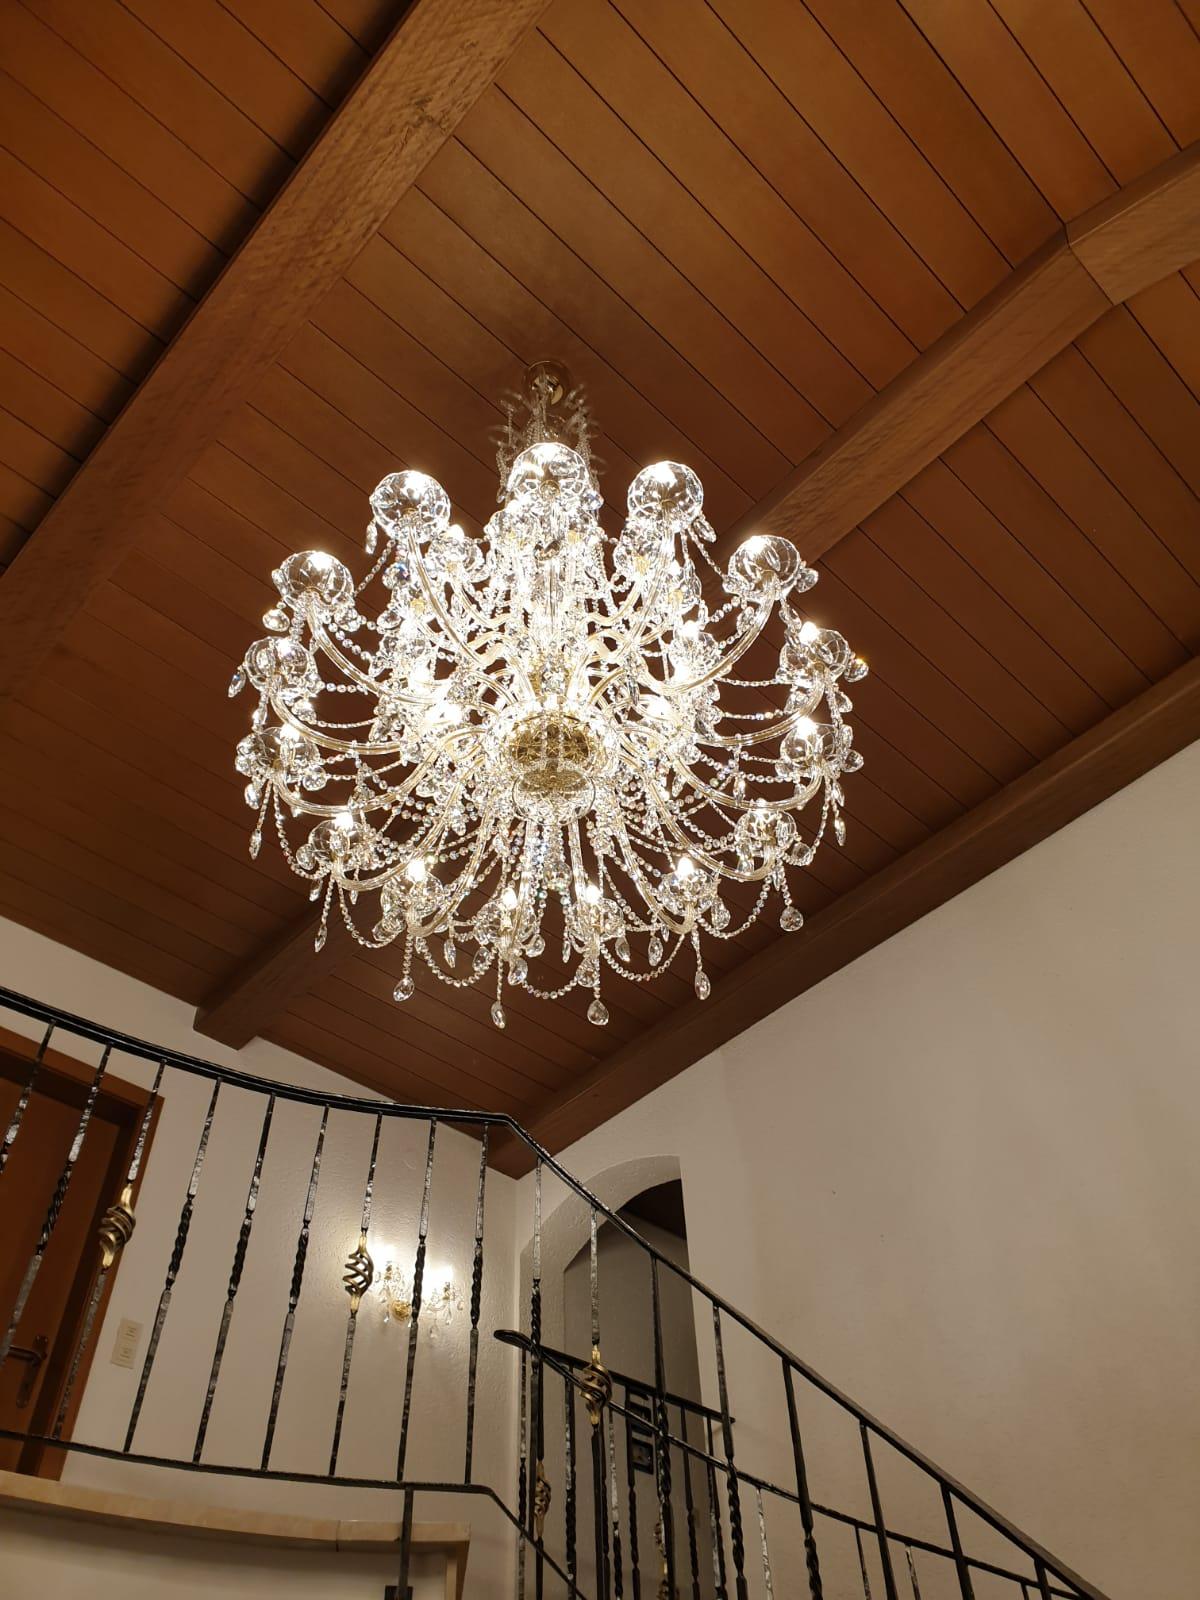 private-house-germany-princess-crystal-chandelier-wranovsky-1.jpg